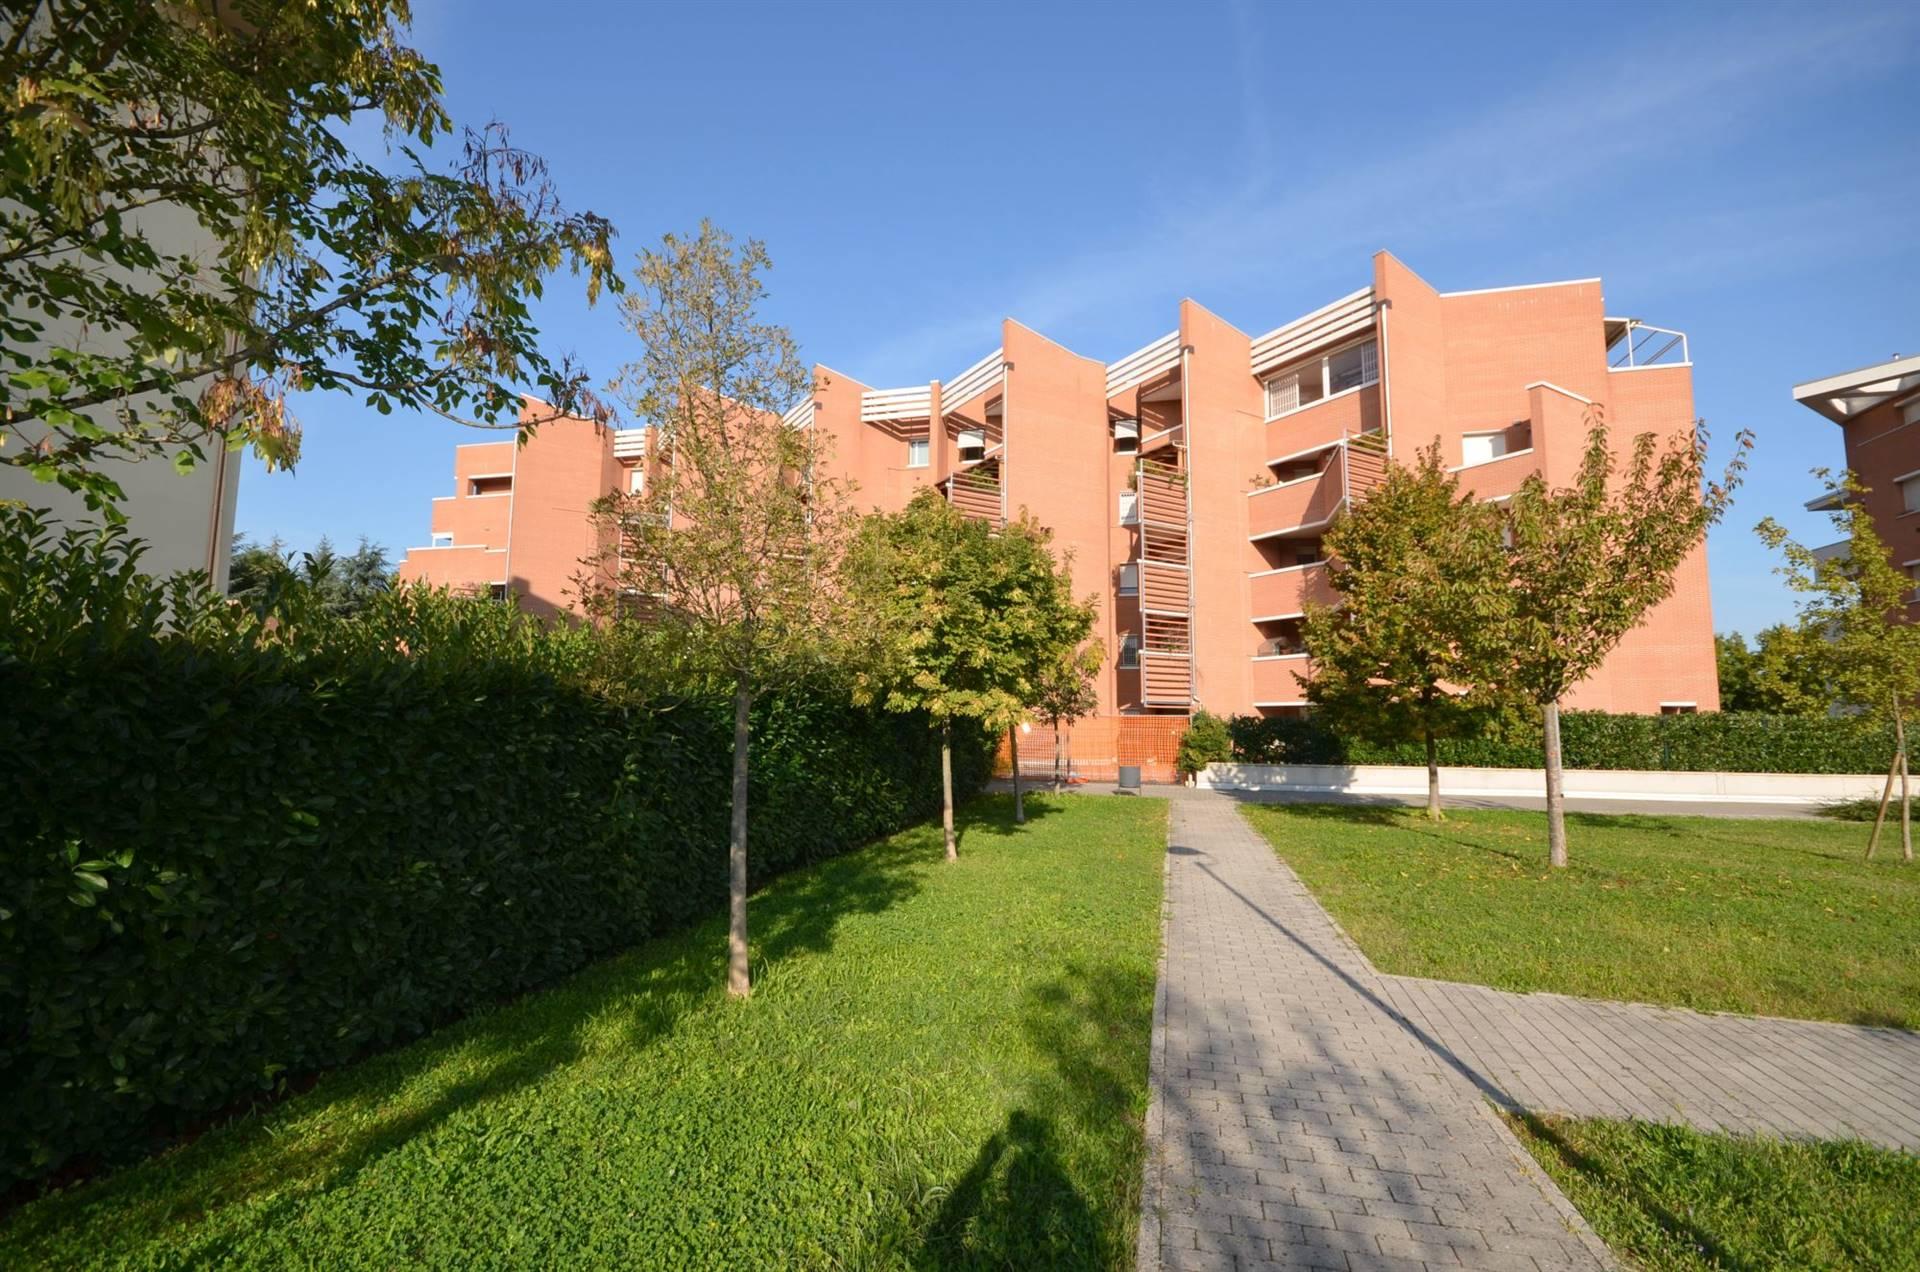 Appartamento in vendita a Casalecchio di Reno, 2 locali, prezzo € 167.000 | PortaleAgenzieImmobiliari.it